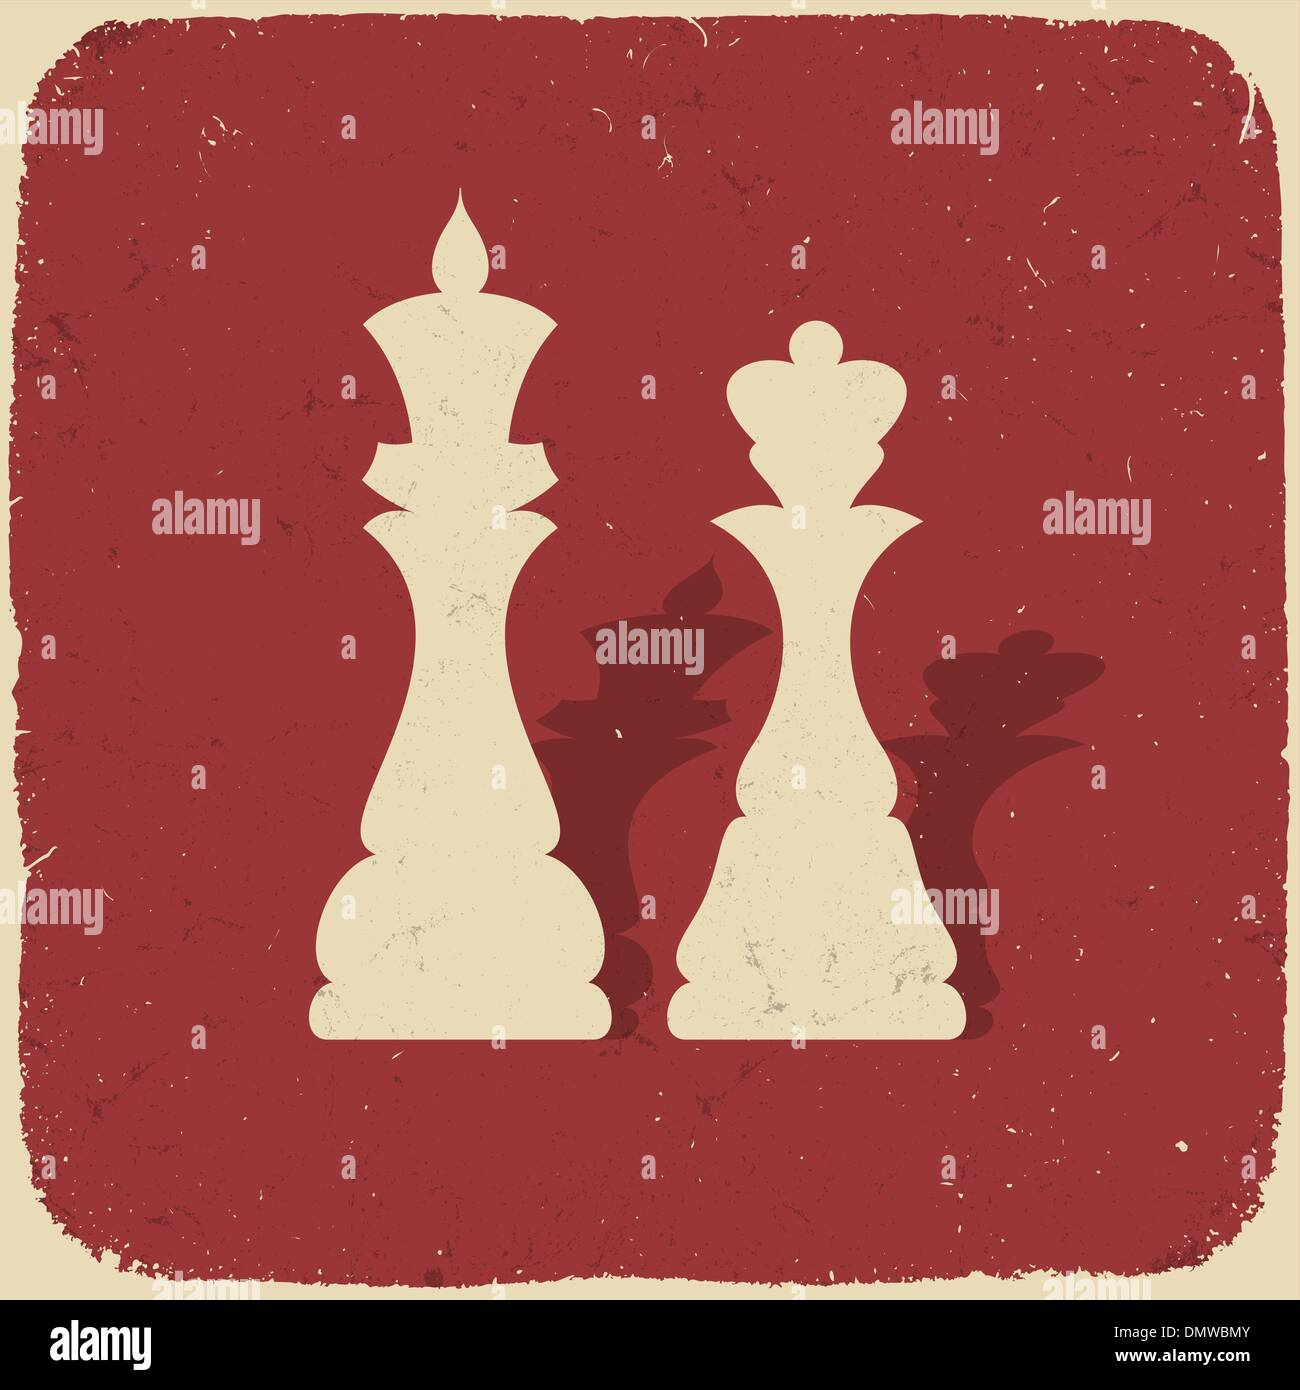 König und Königin. Retro-Schach Hintergrund, Vektor-Illustration, EPS Stockbild